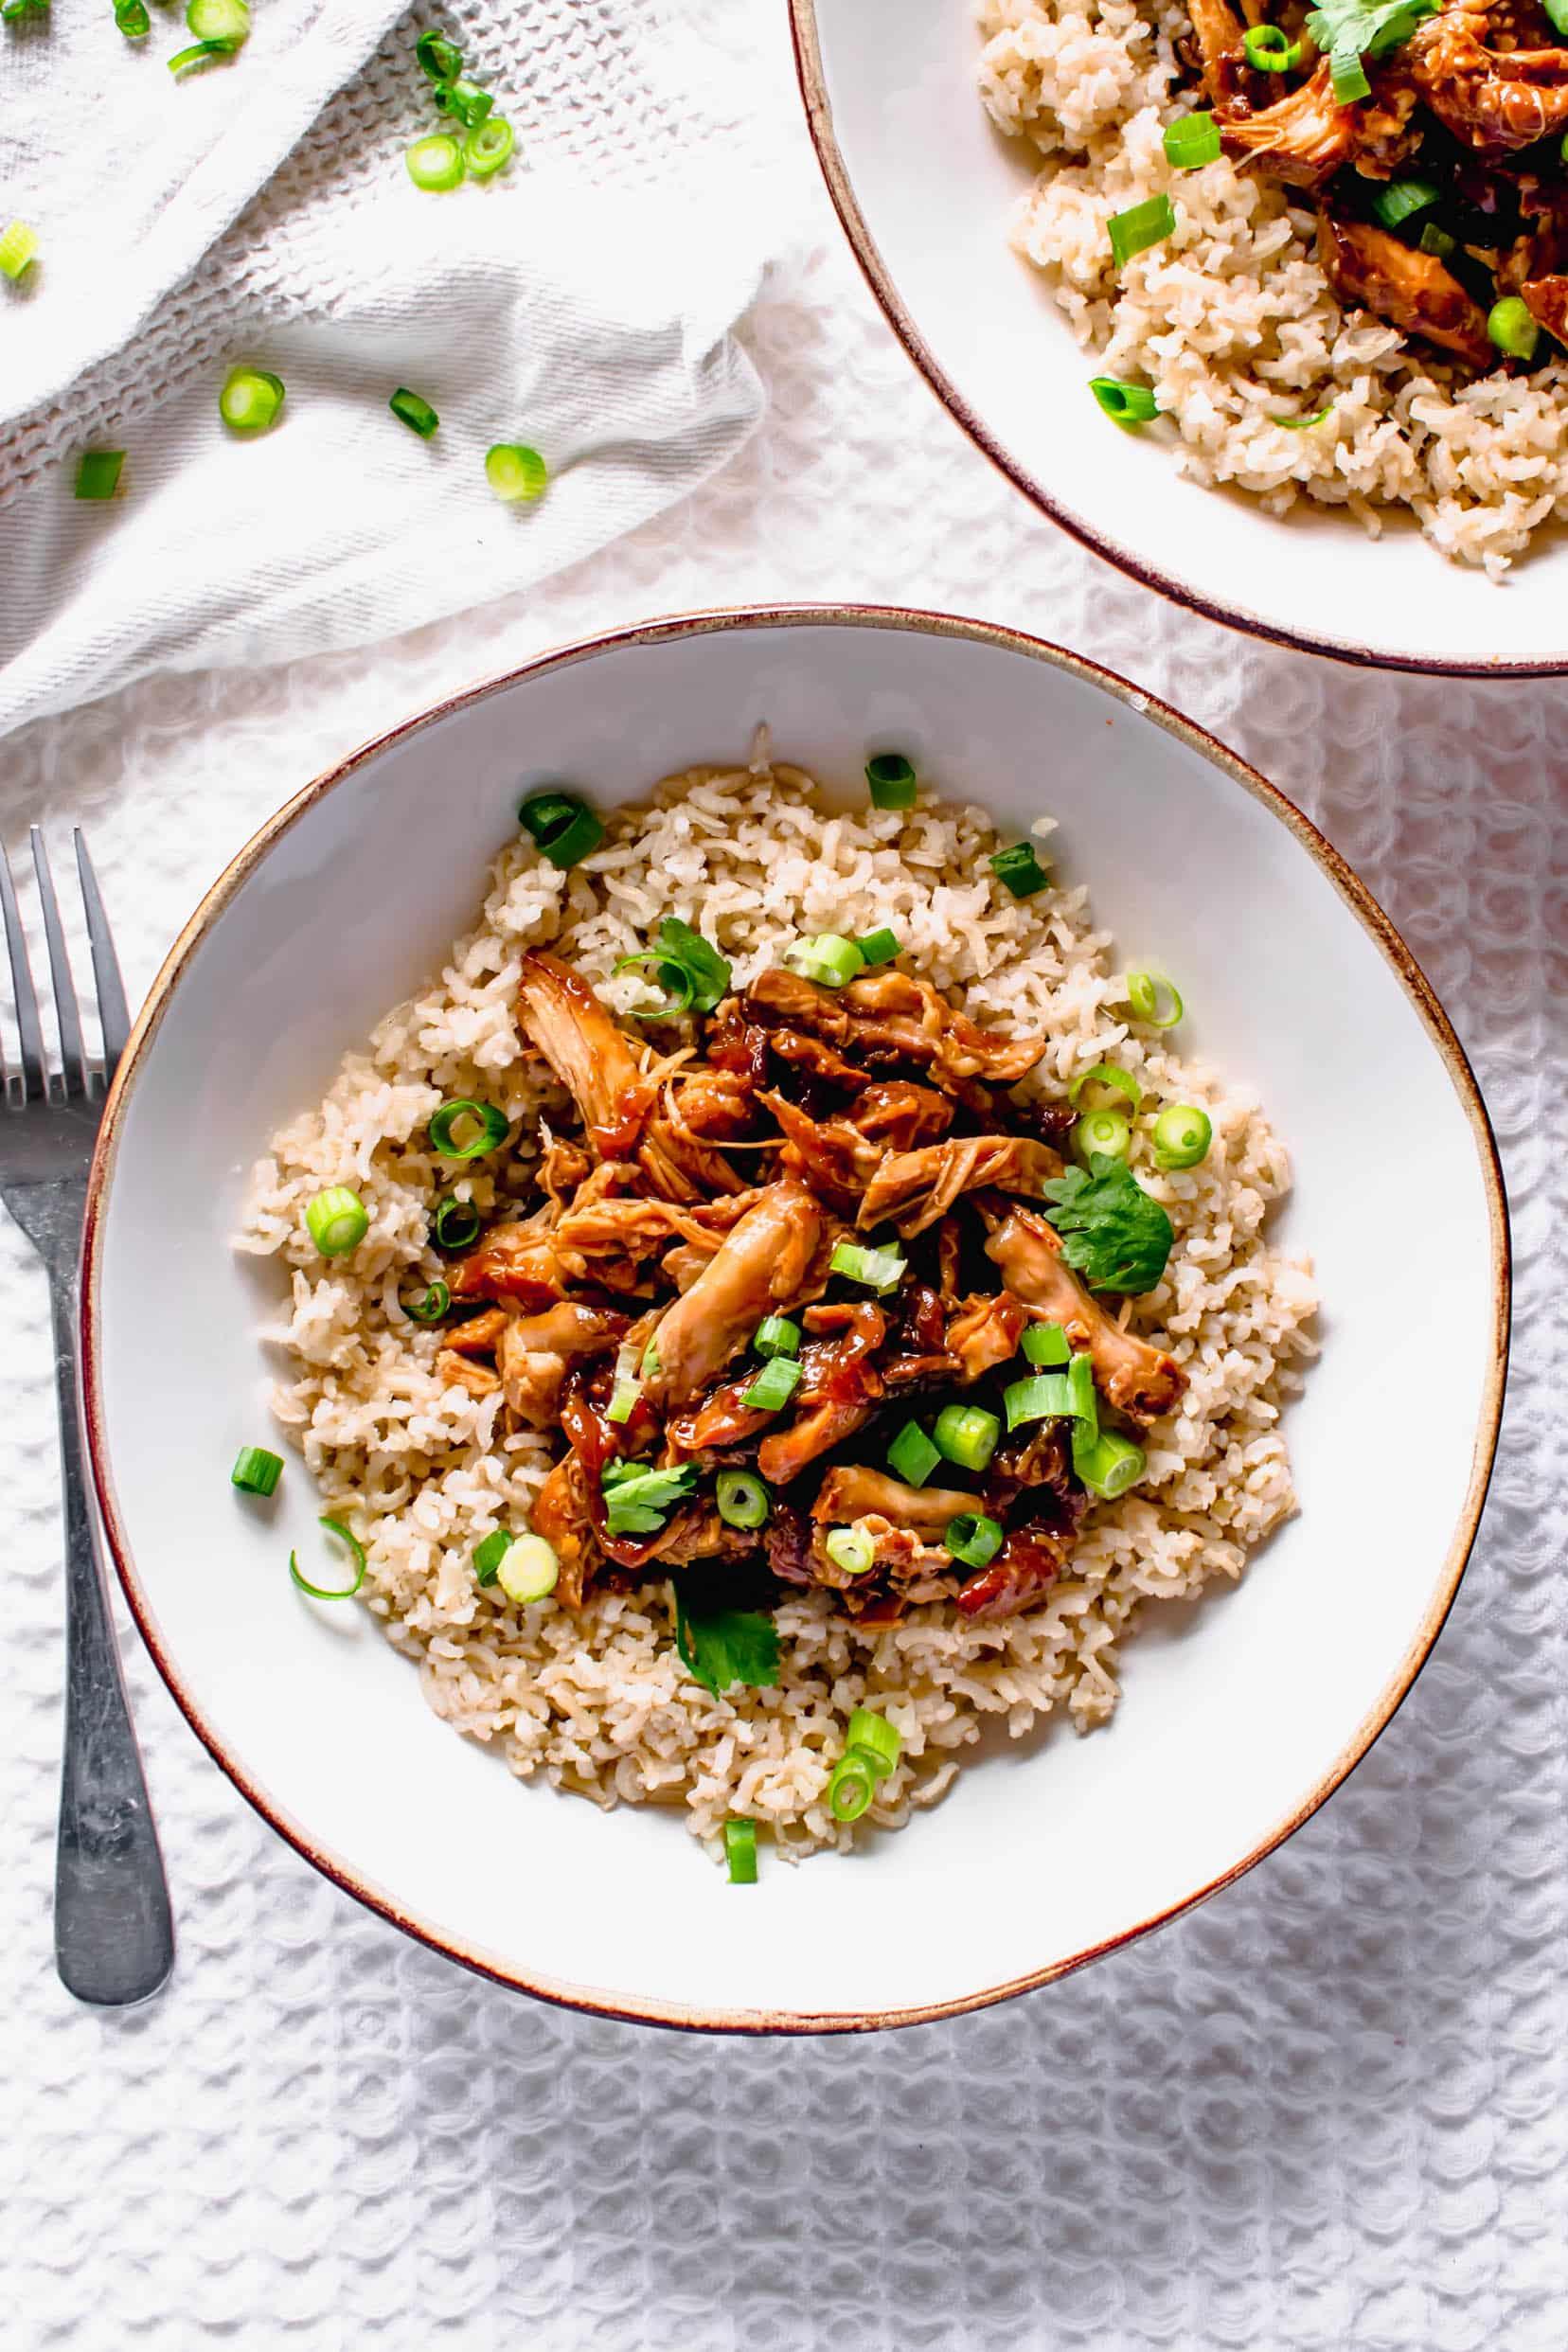 Slow cooker Teryaki Chicken Recipe | Hint of Helen